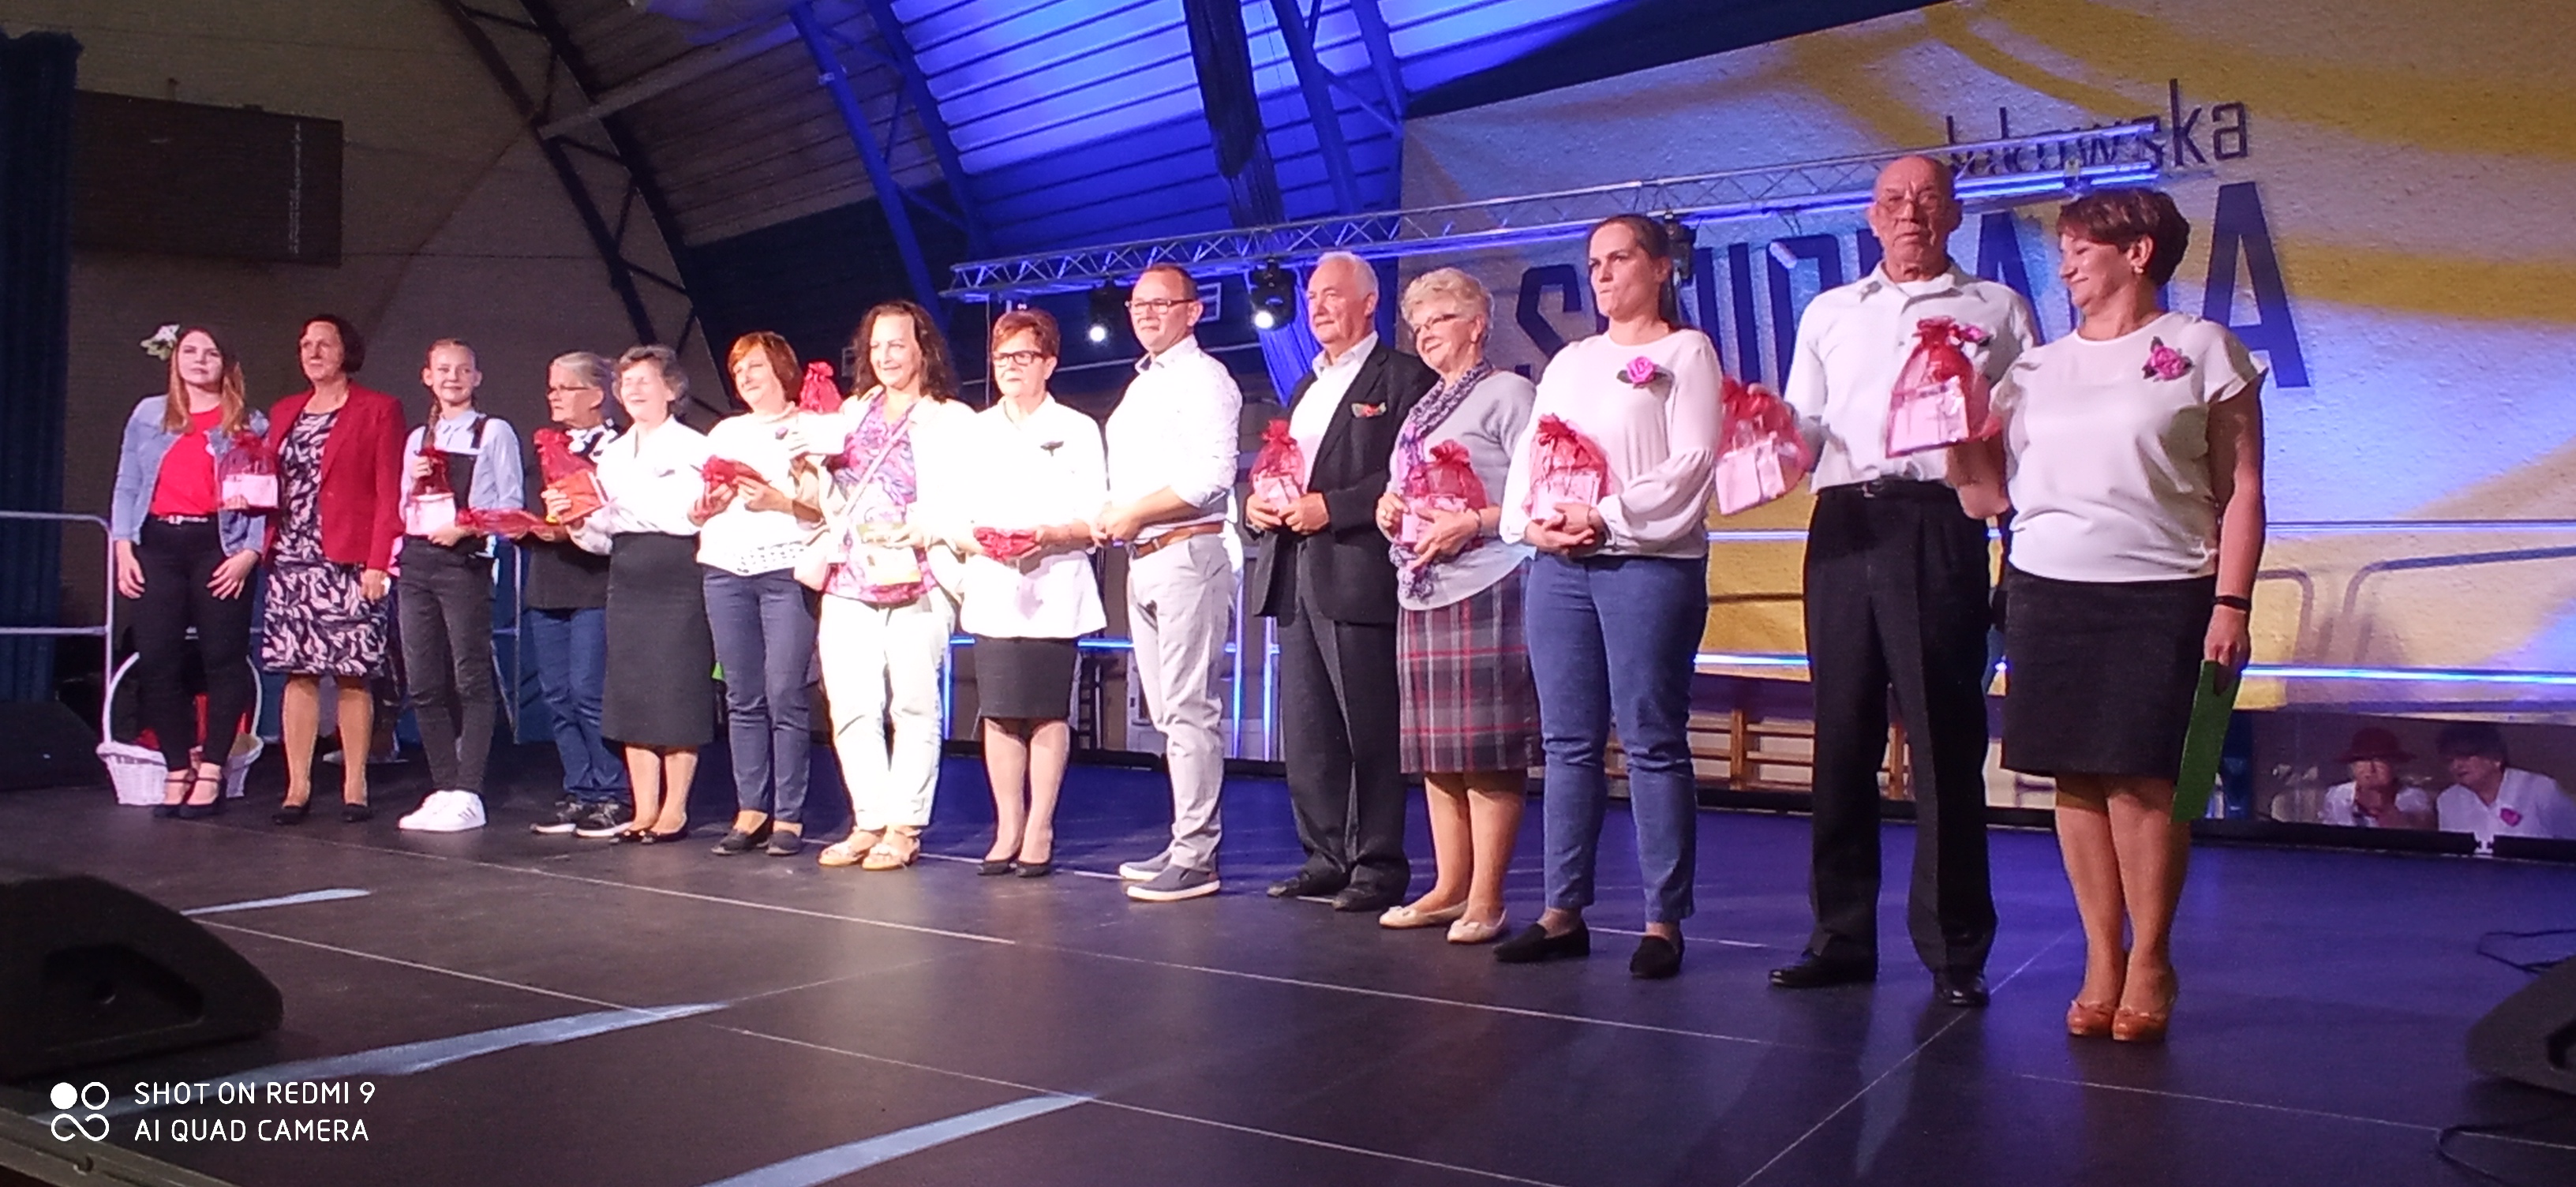 ŁUKÓW. DJ. WIKA rozgrzała publiczność. Łukowscy seniorzy rządzą (WIDEO + ZDJĘCIA) - Zdjęcie główne